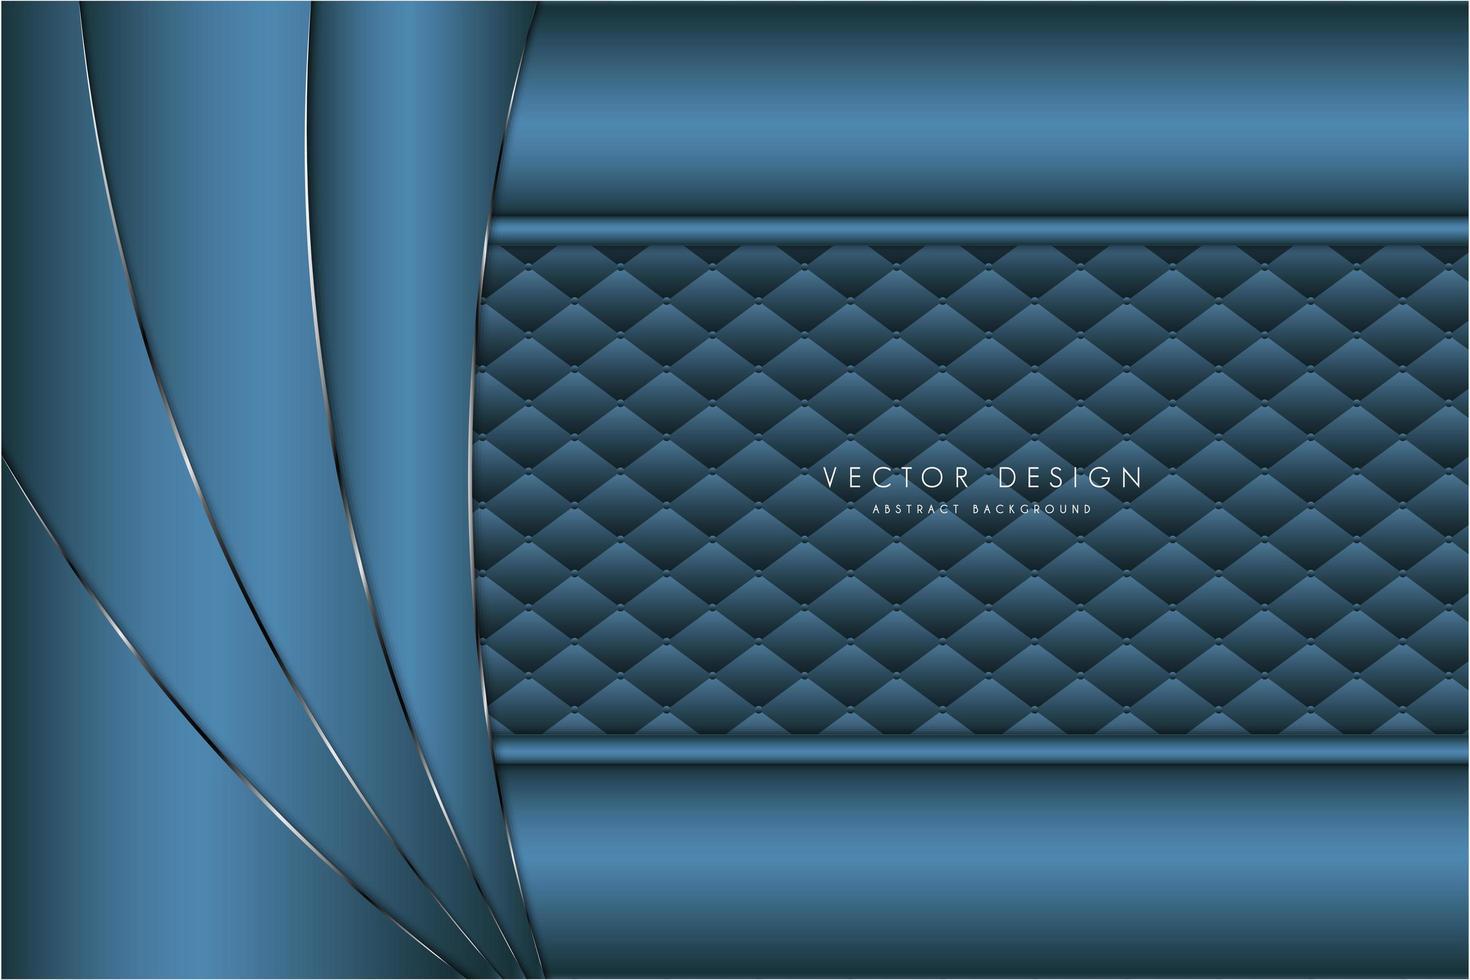 fond métallique moderne argent et bleu vecteur